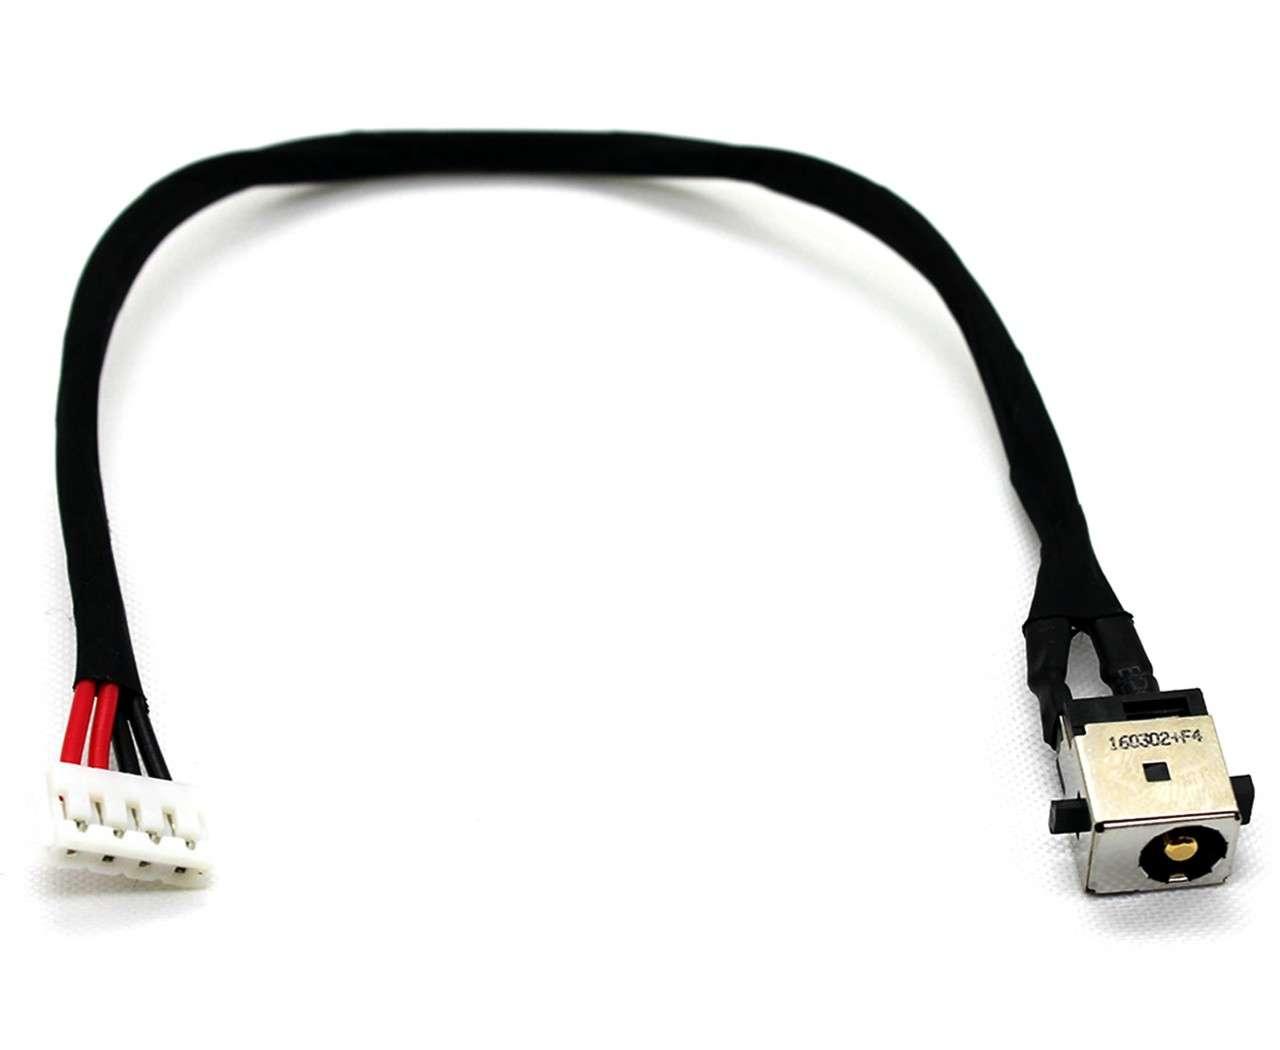 Mufa alimentare laptop Asus X552DP cu fir imagine